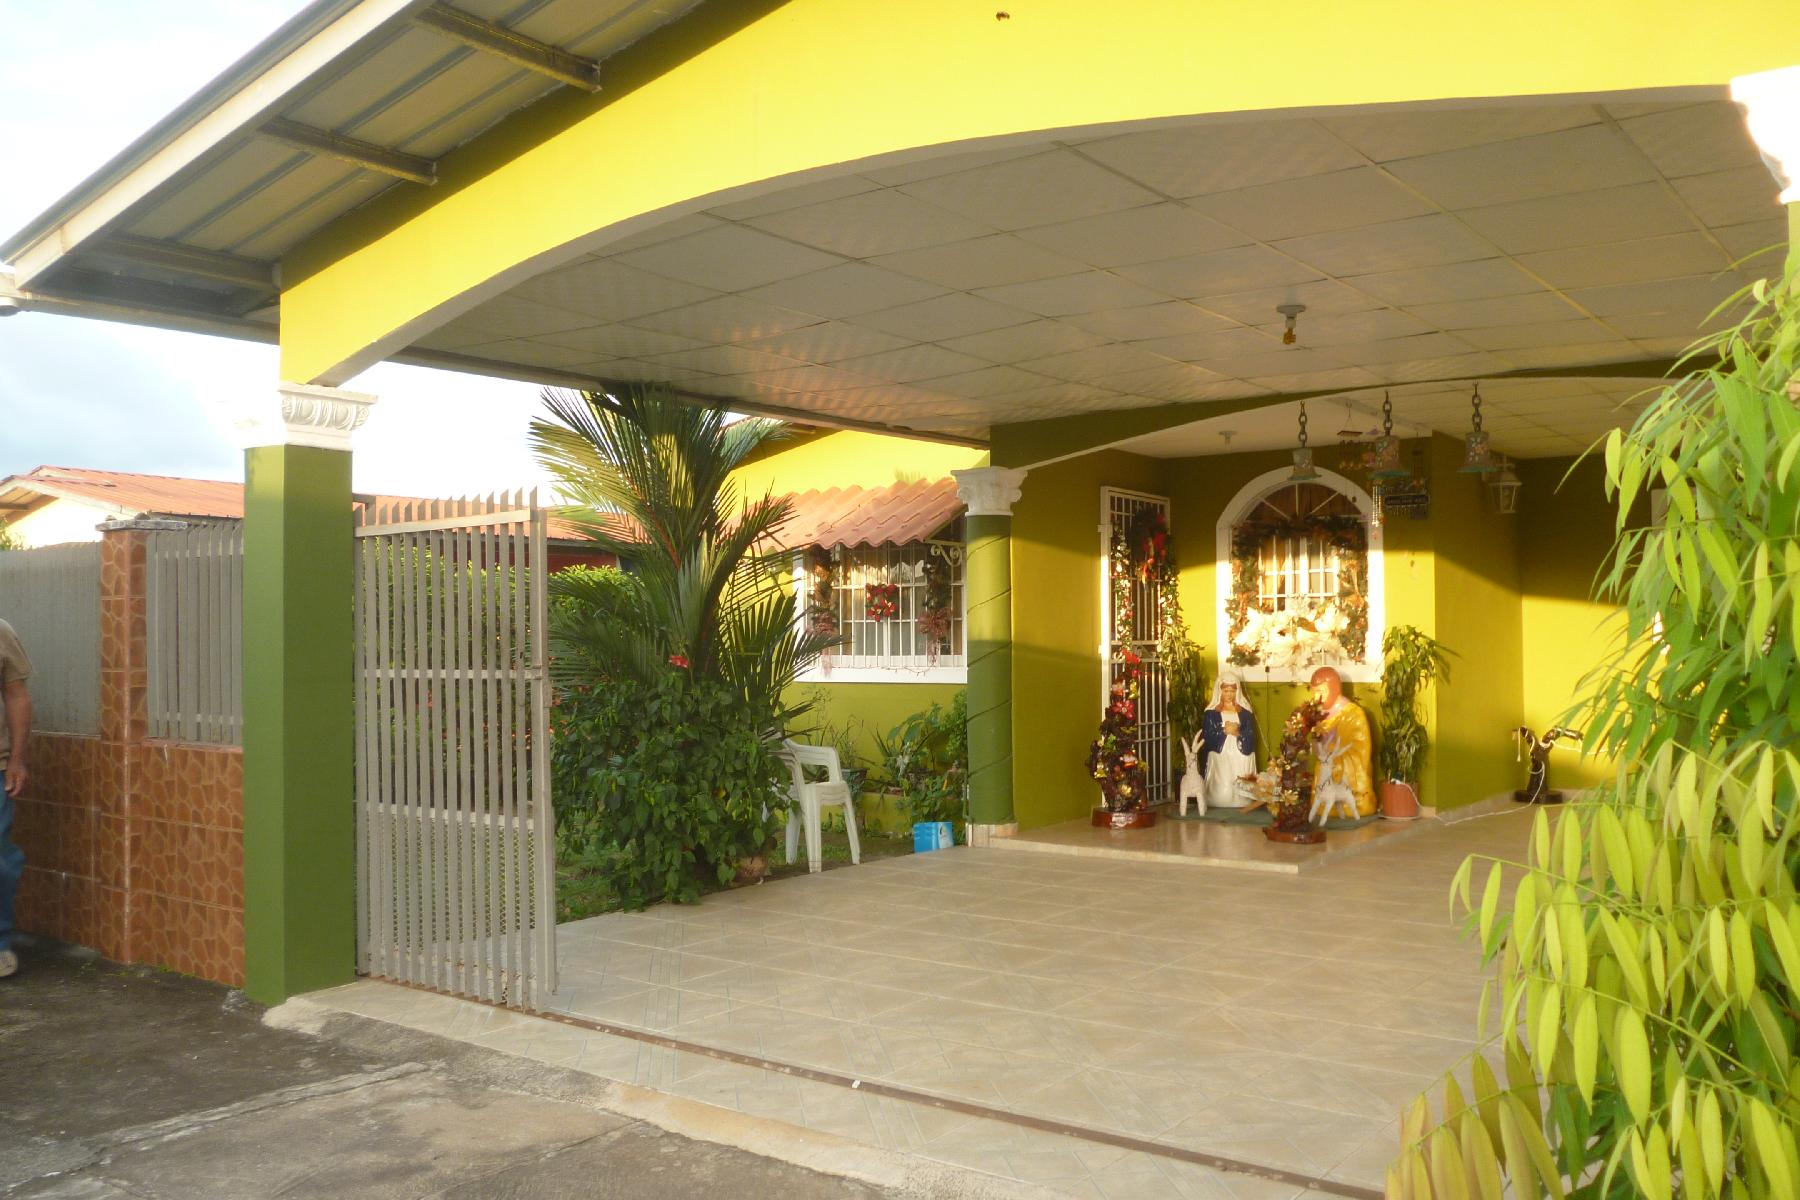 CHIRIQUI DAVID VILLA MERCEDES HOUSE